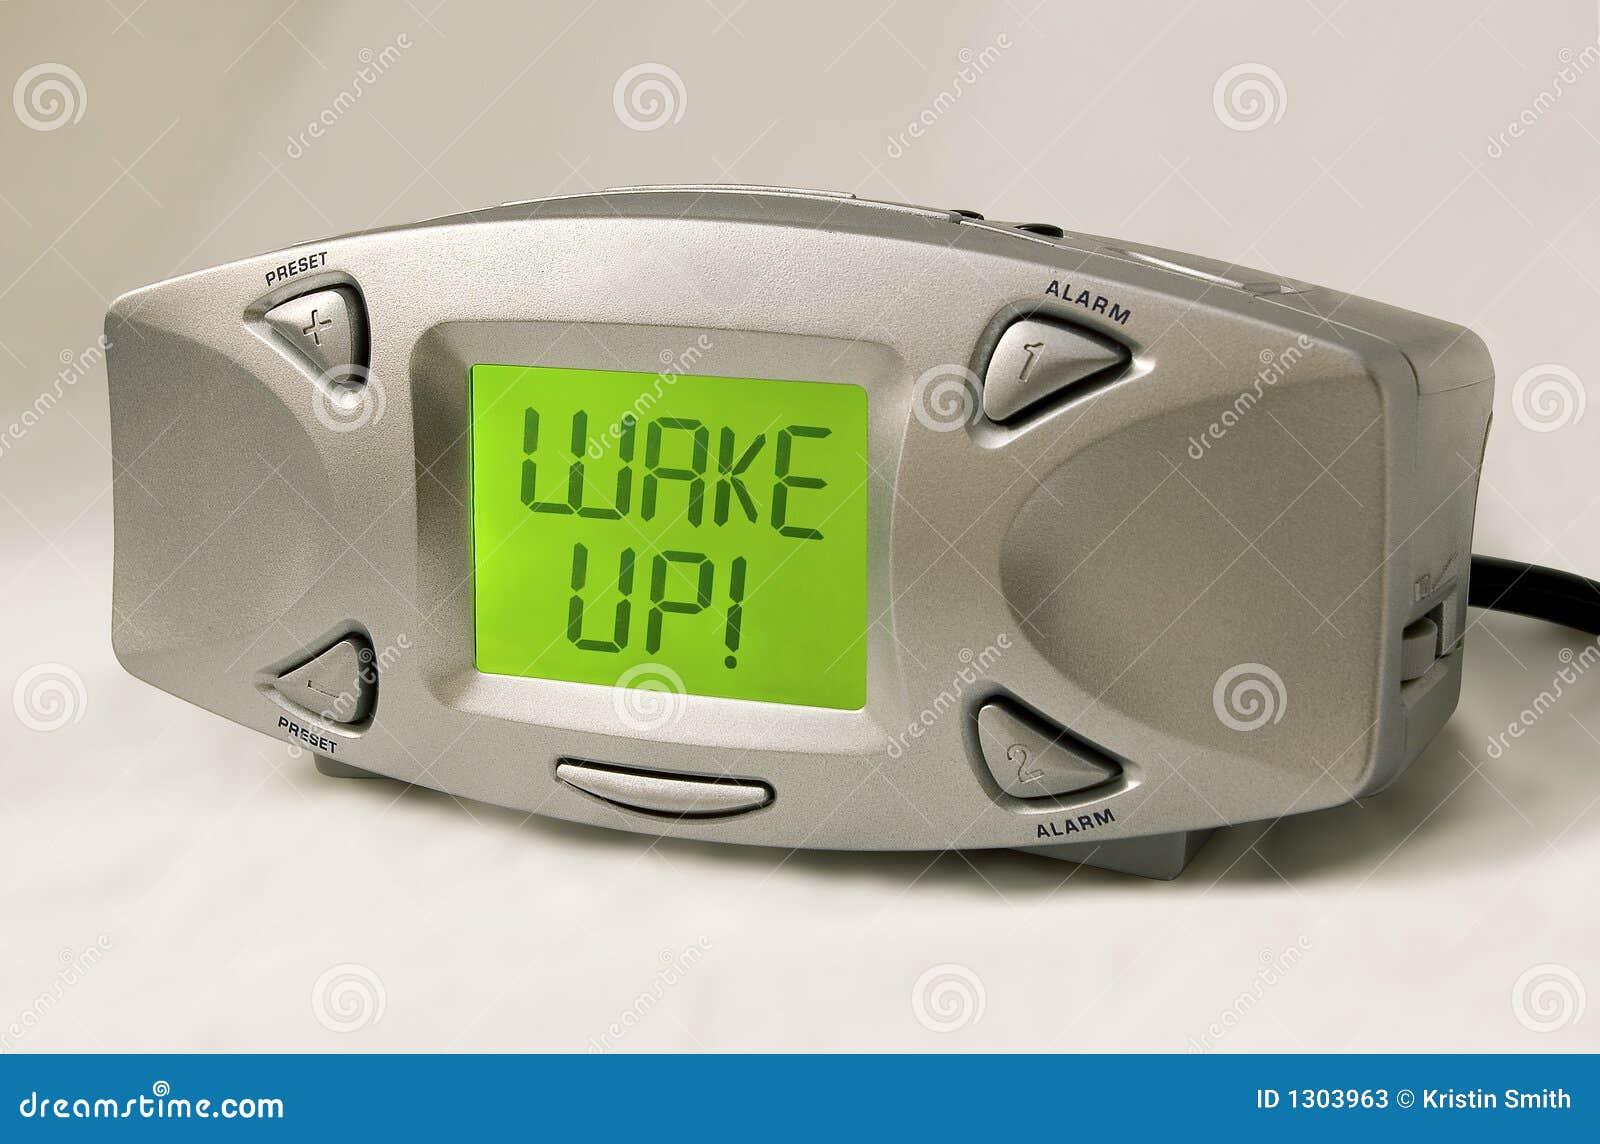 Budzik się obudzisz